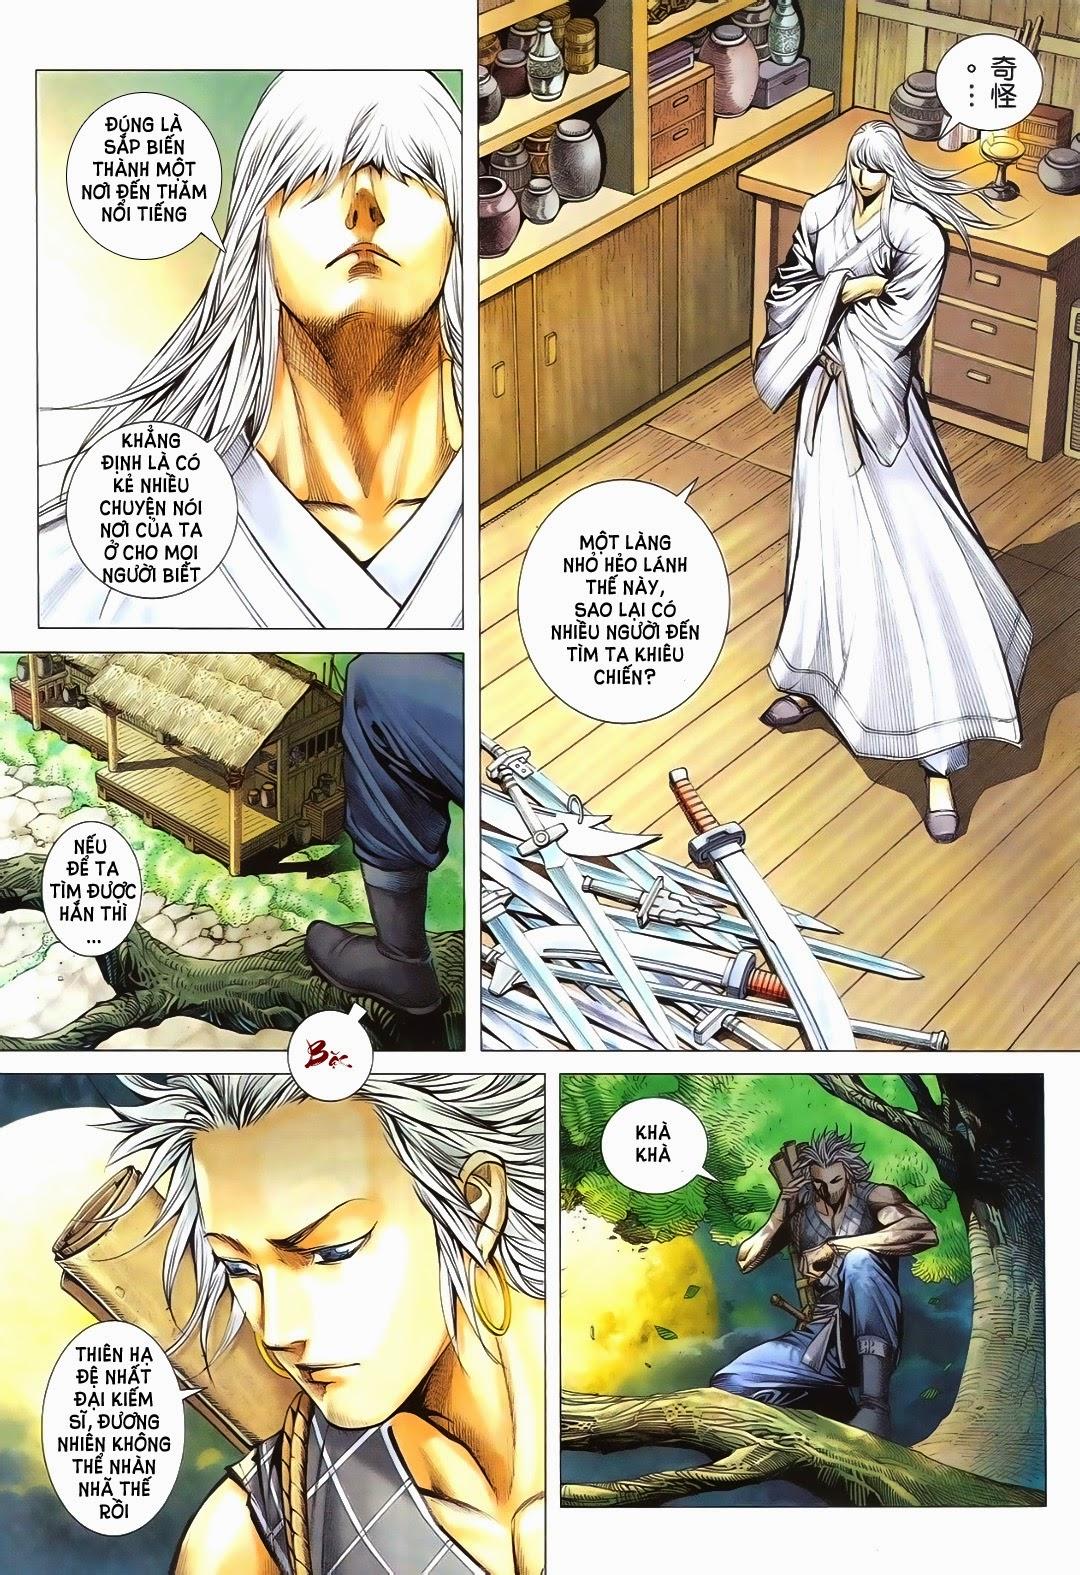 Phong Thần Ký chap 181 - Trang 27